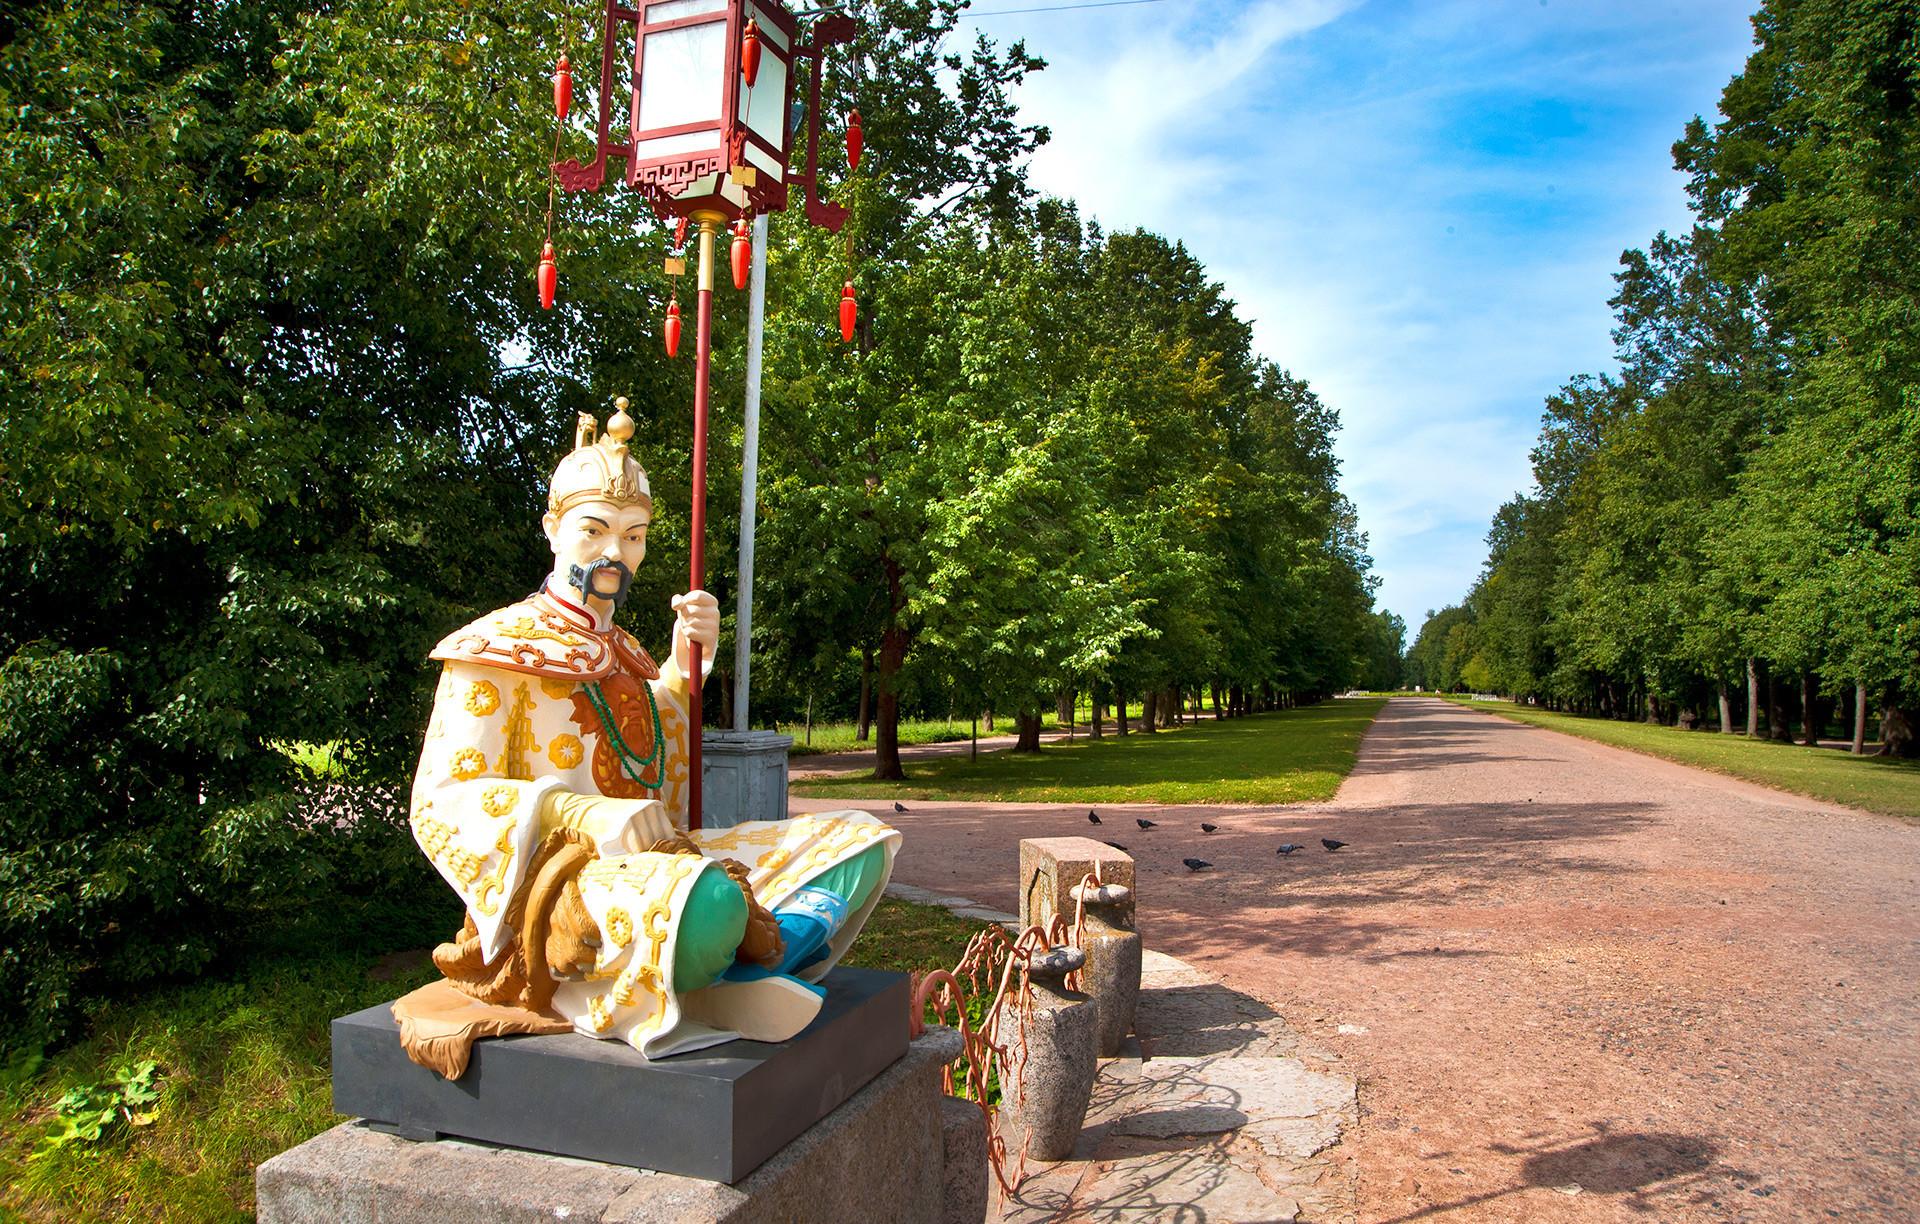 Patung-patung Jembatan Tiongkok di Taman Alexander.